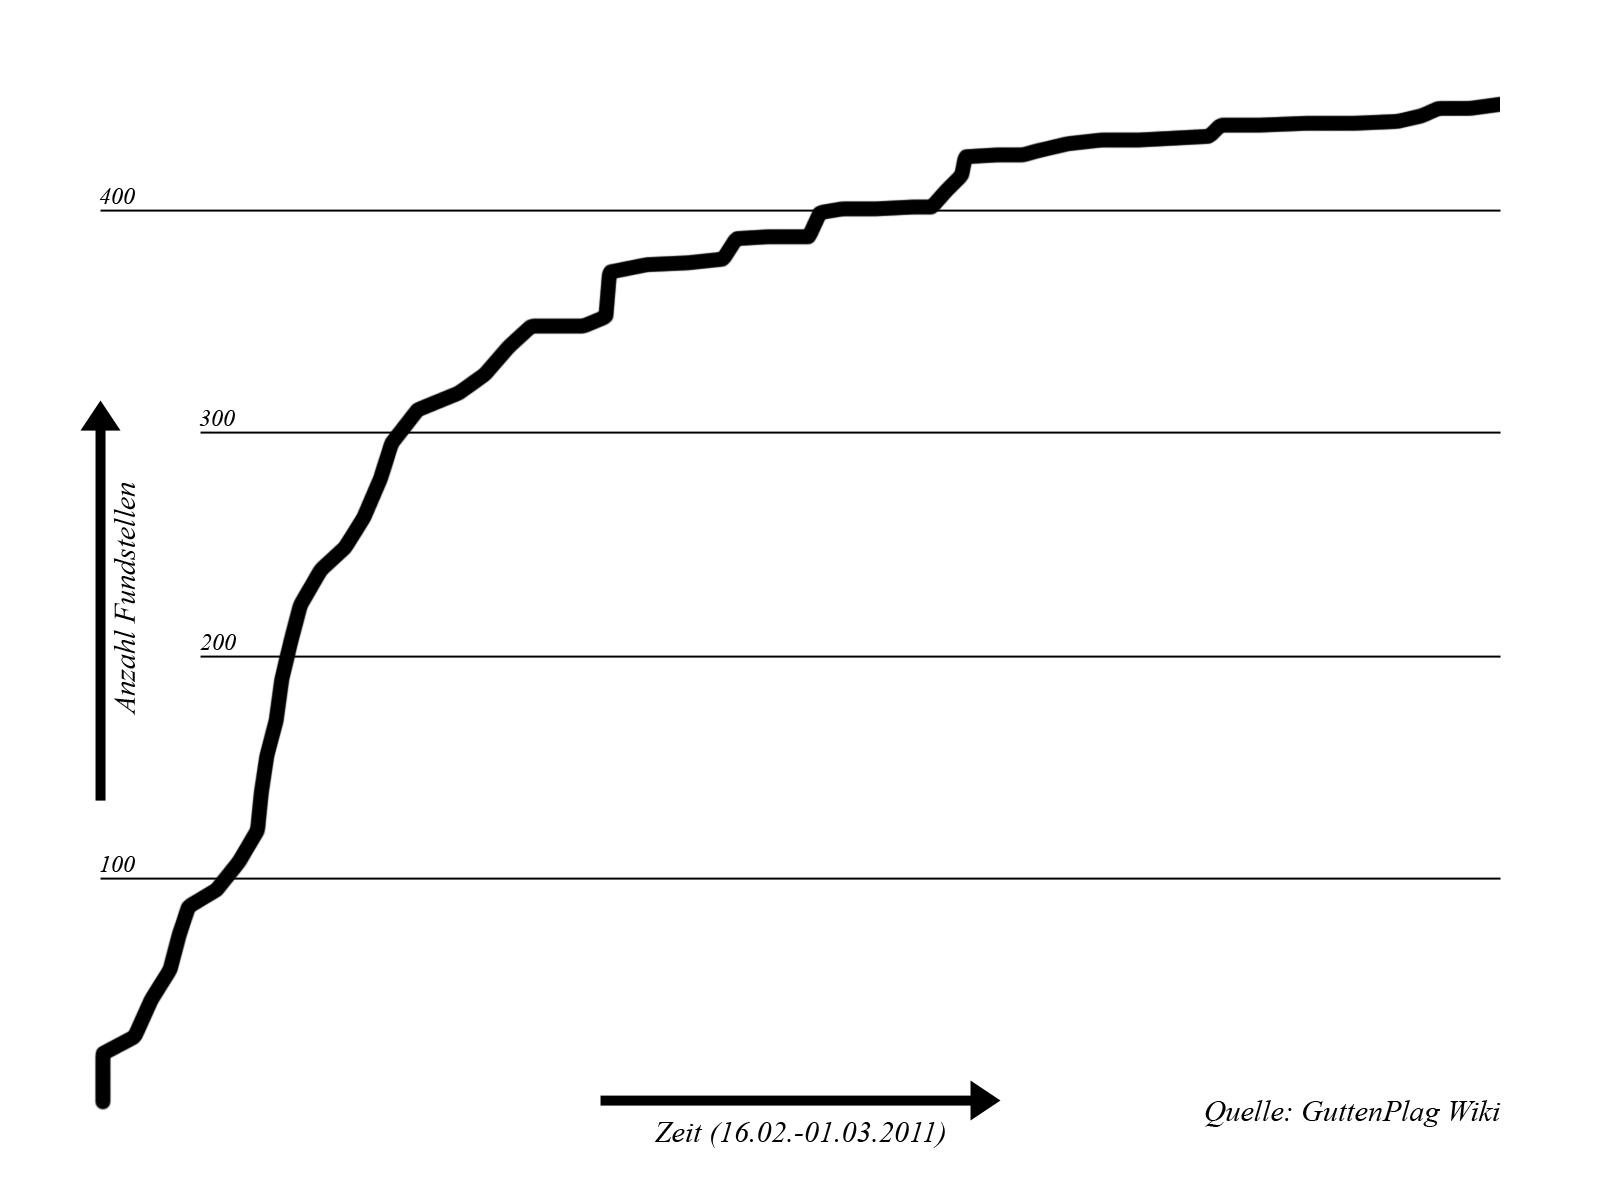 Wachstum der Plagiat-Fundstellen in Guttenbergs Arbeit in der zweiten Februarhälfte